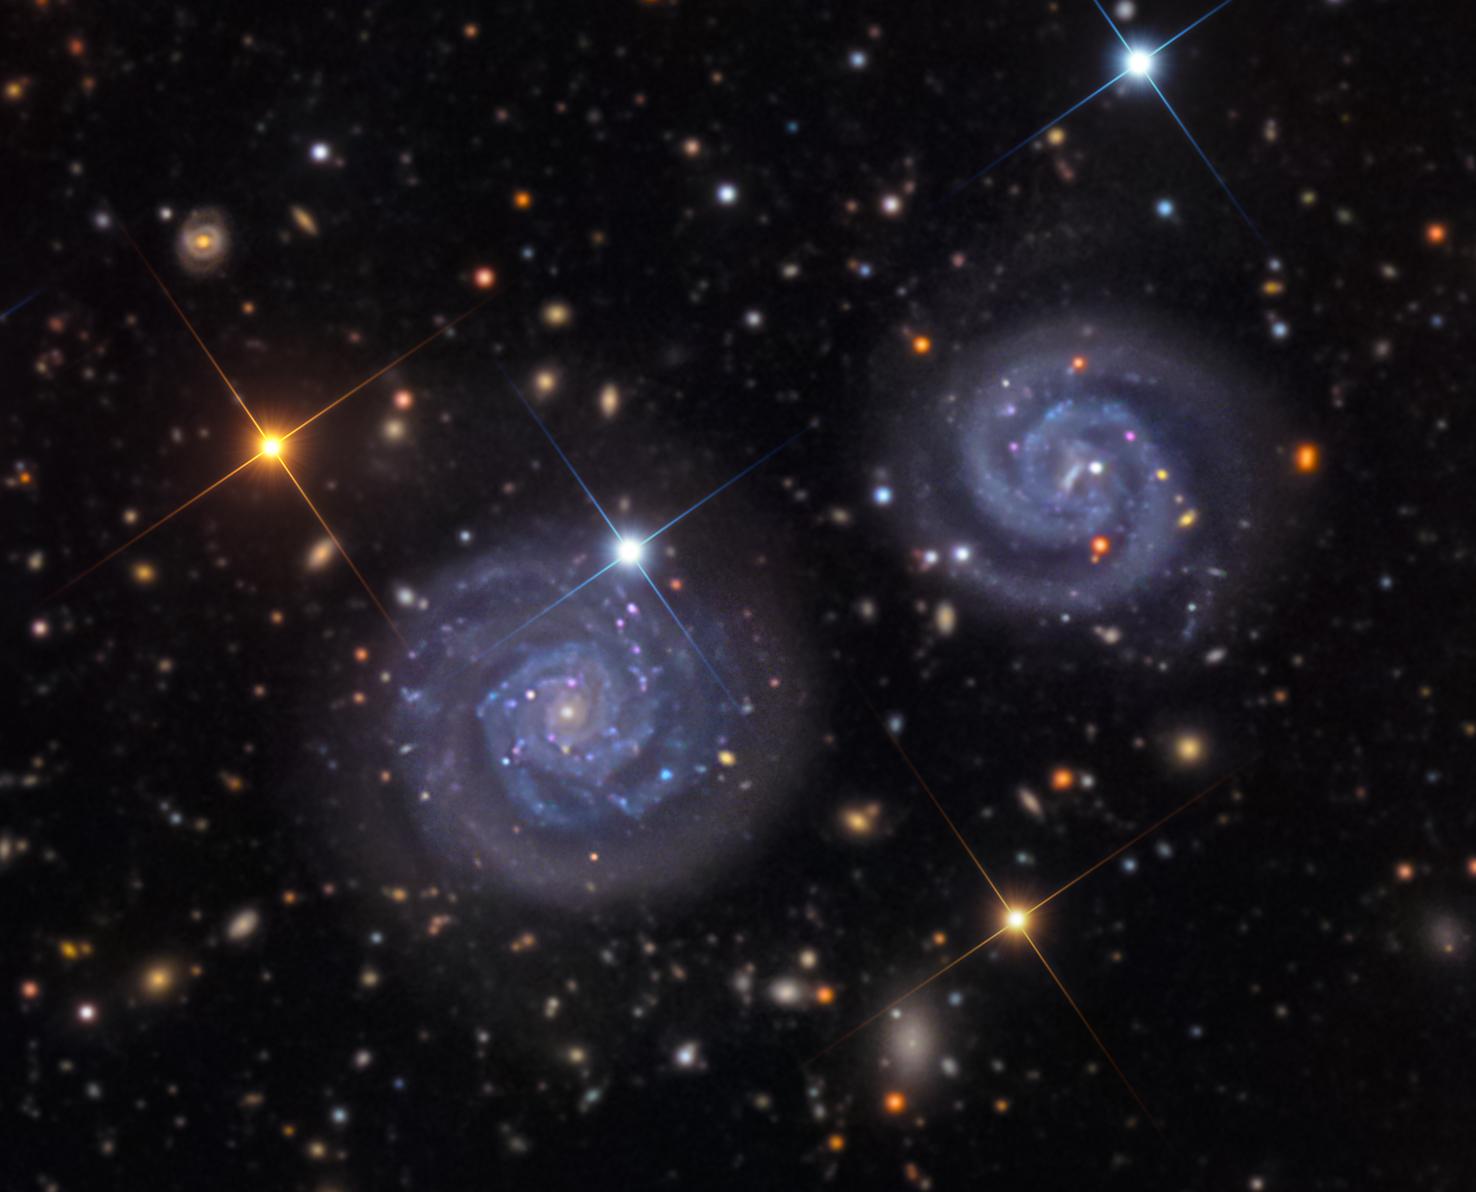 NGC4411B/4411